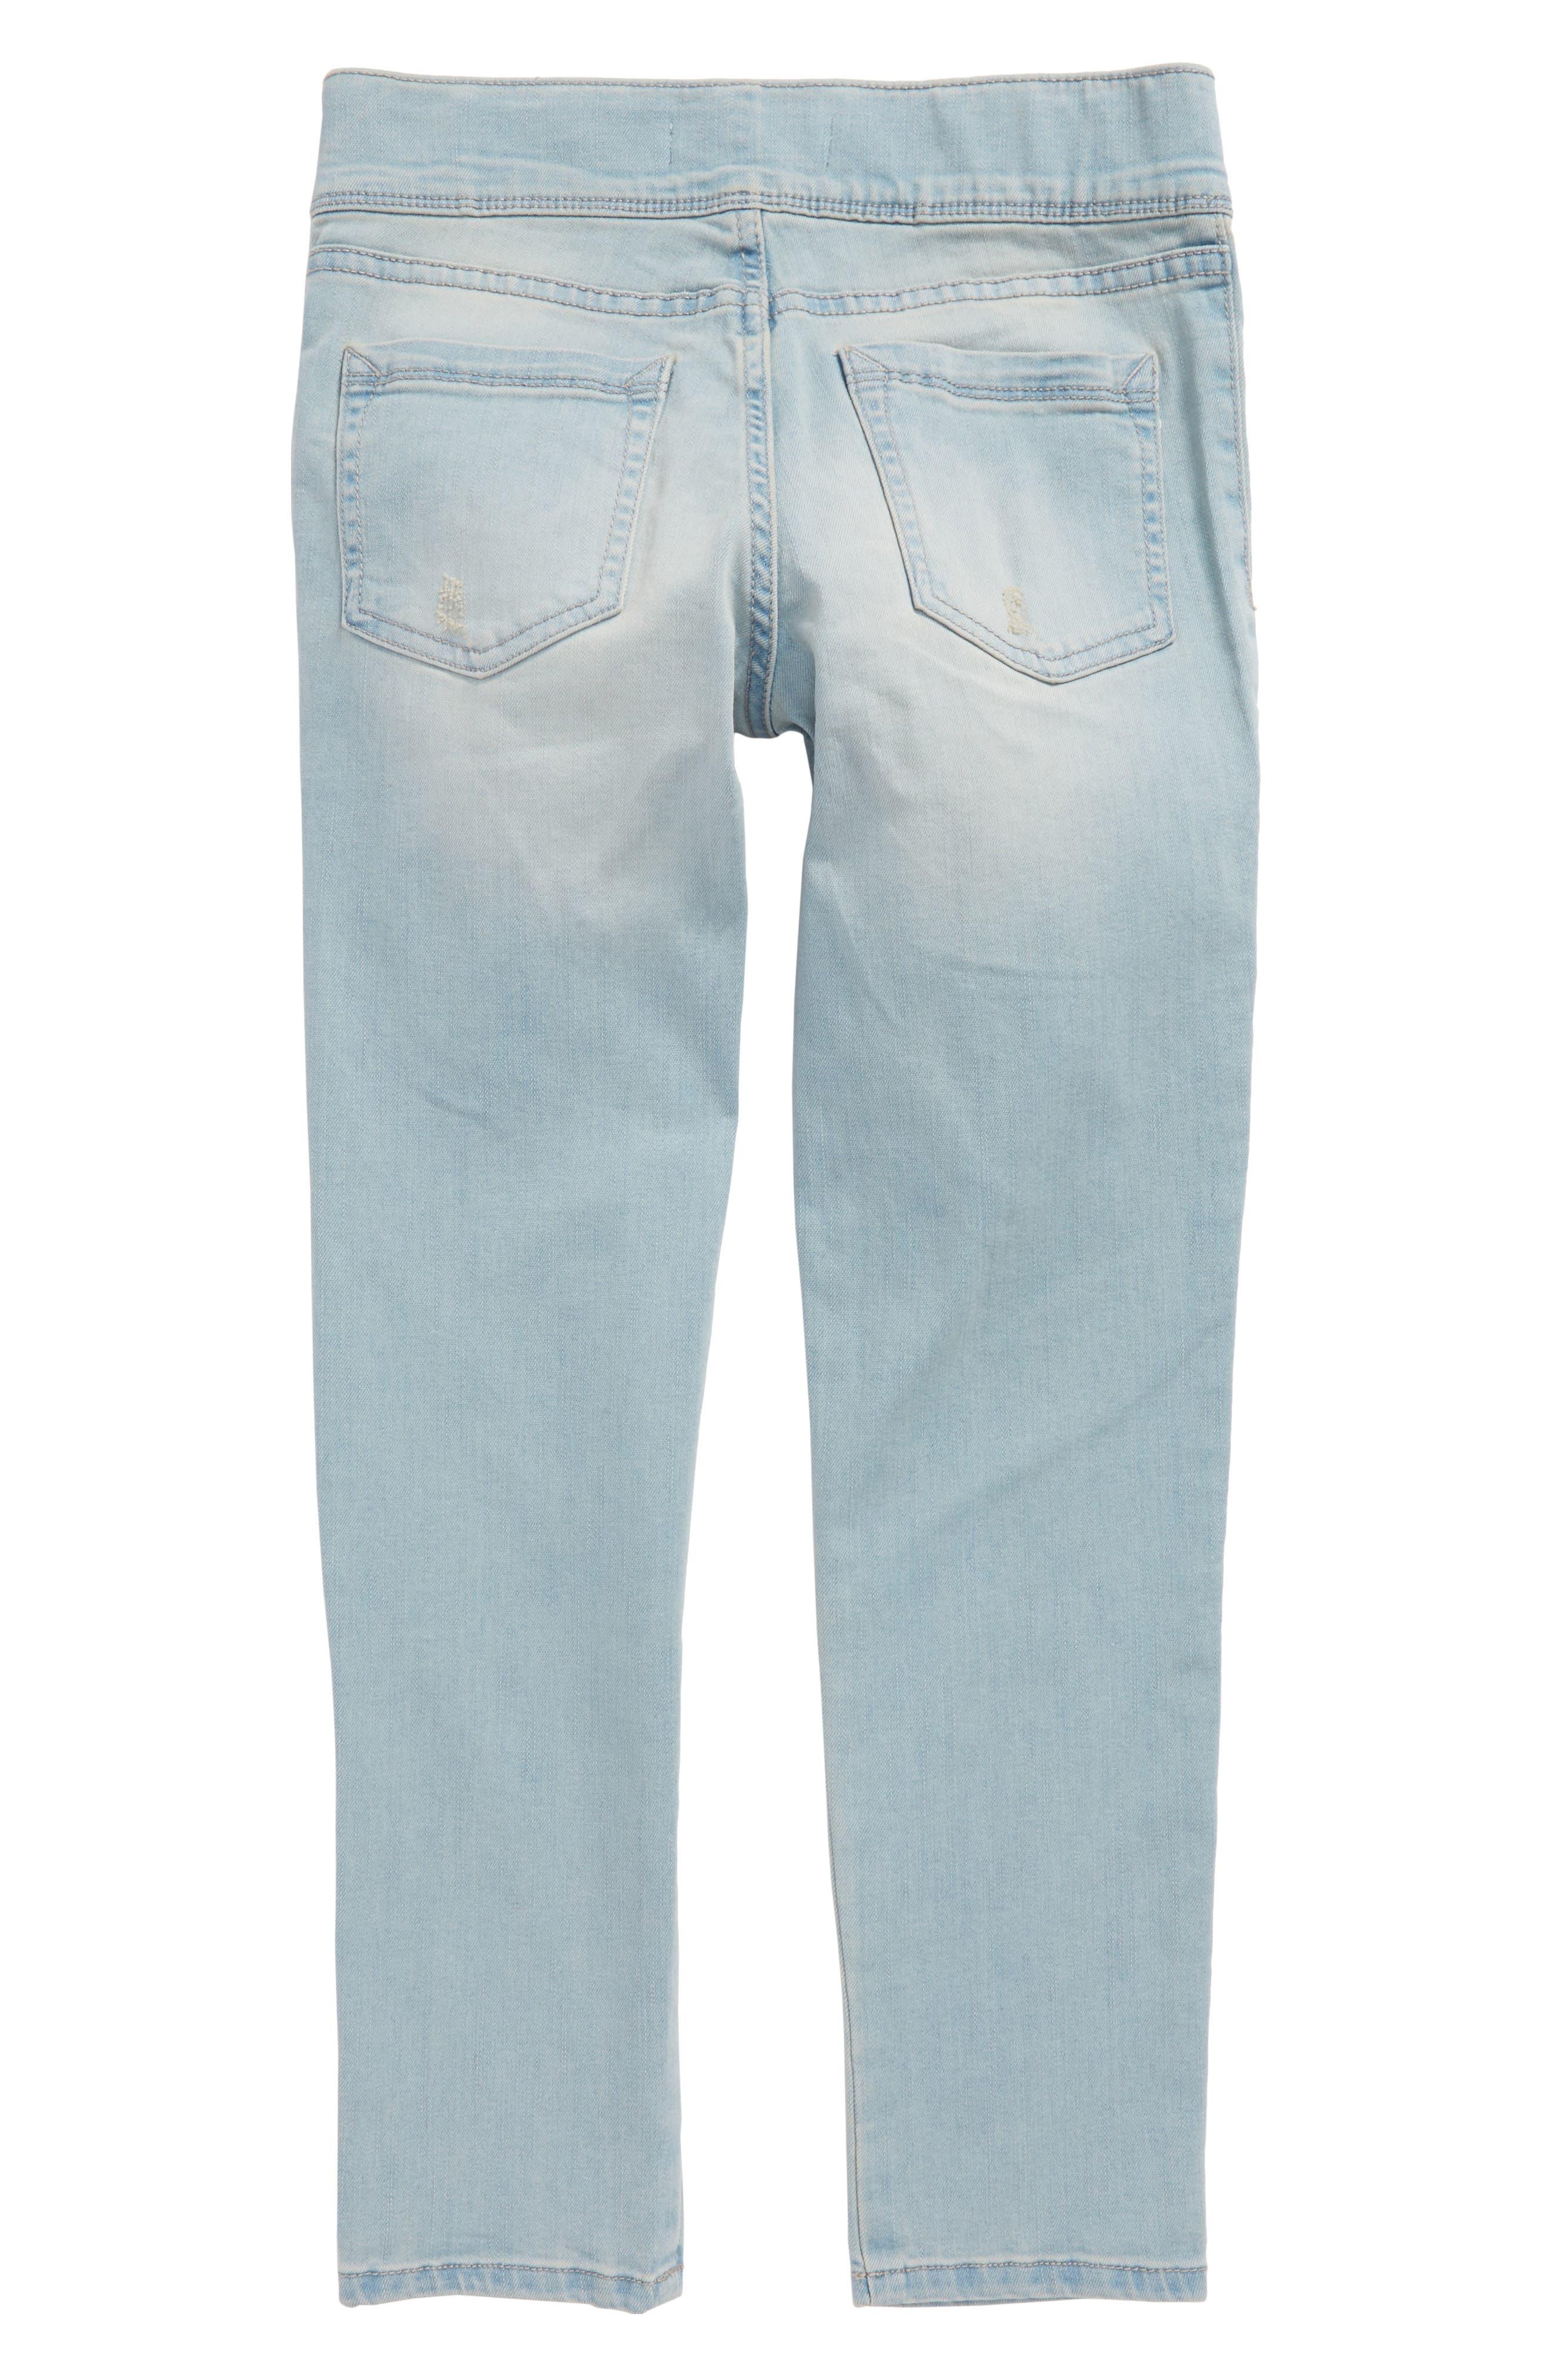 Crop Jeans,                             Alternate thumbnail 2, color,                             420